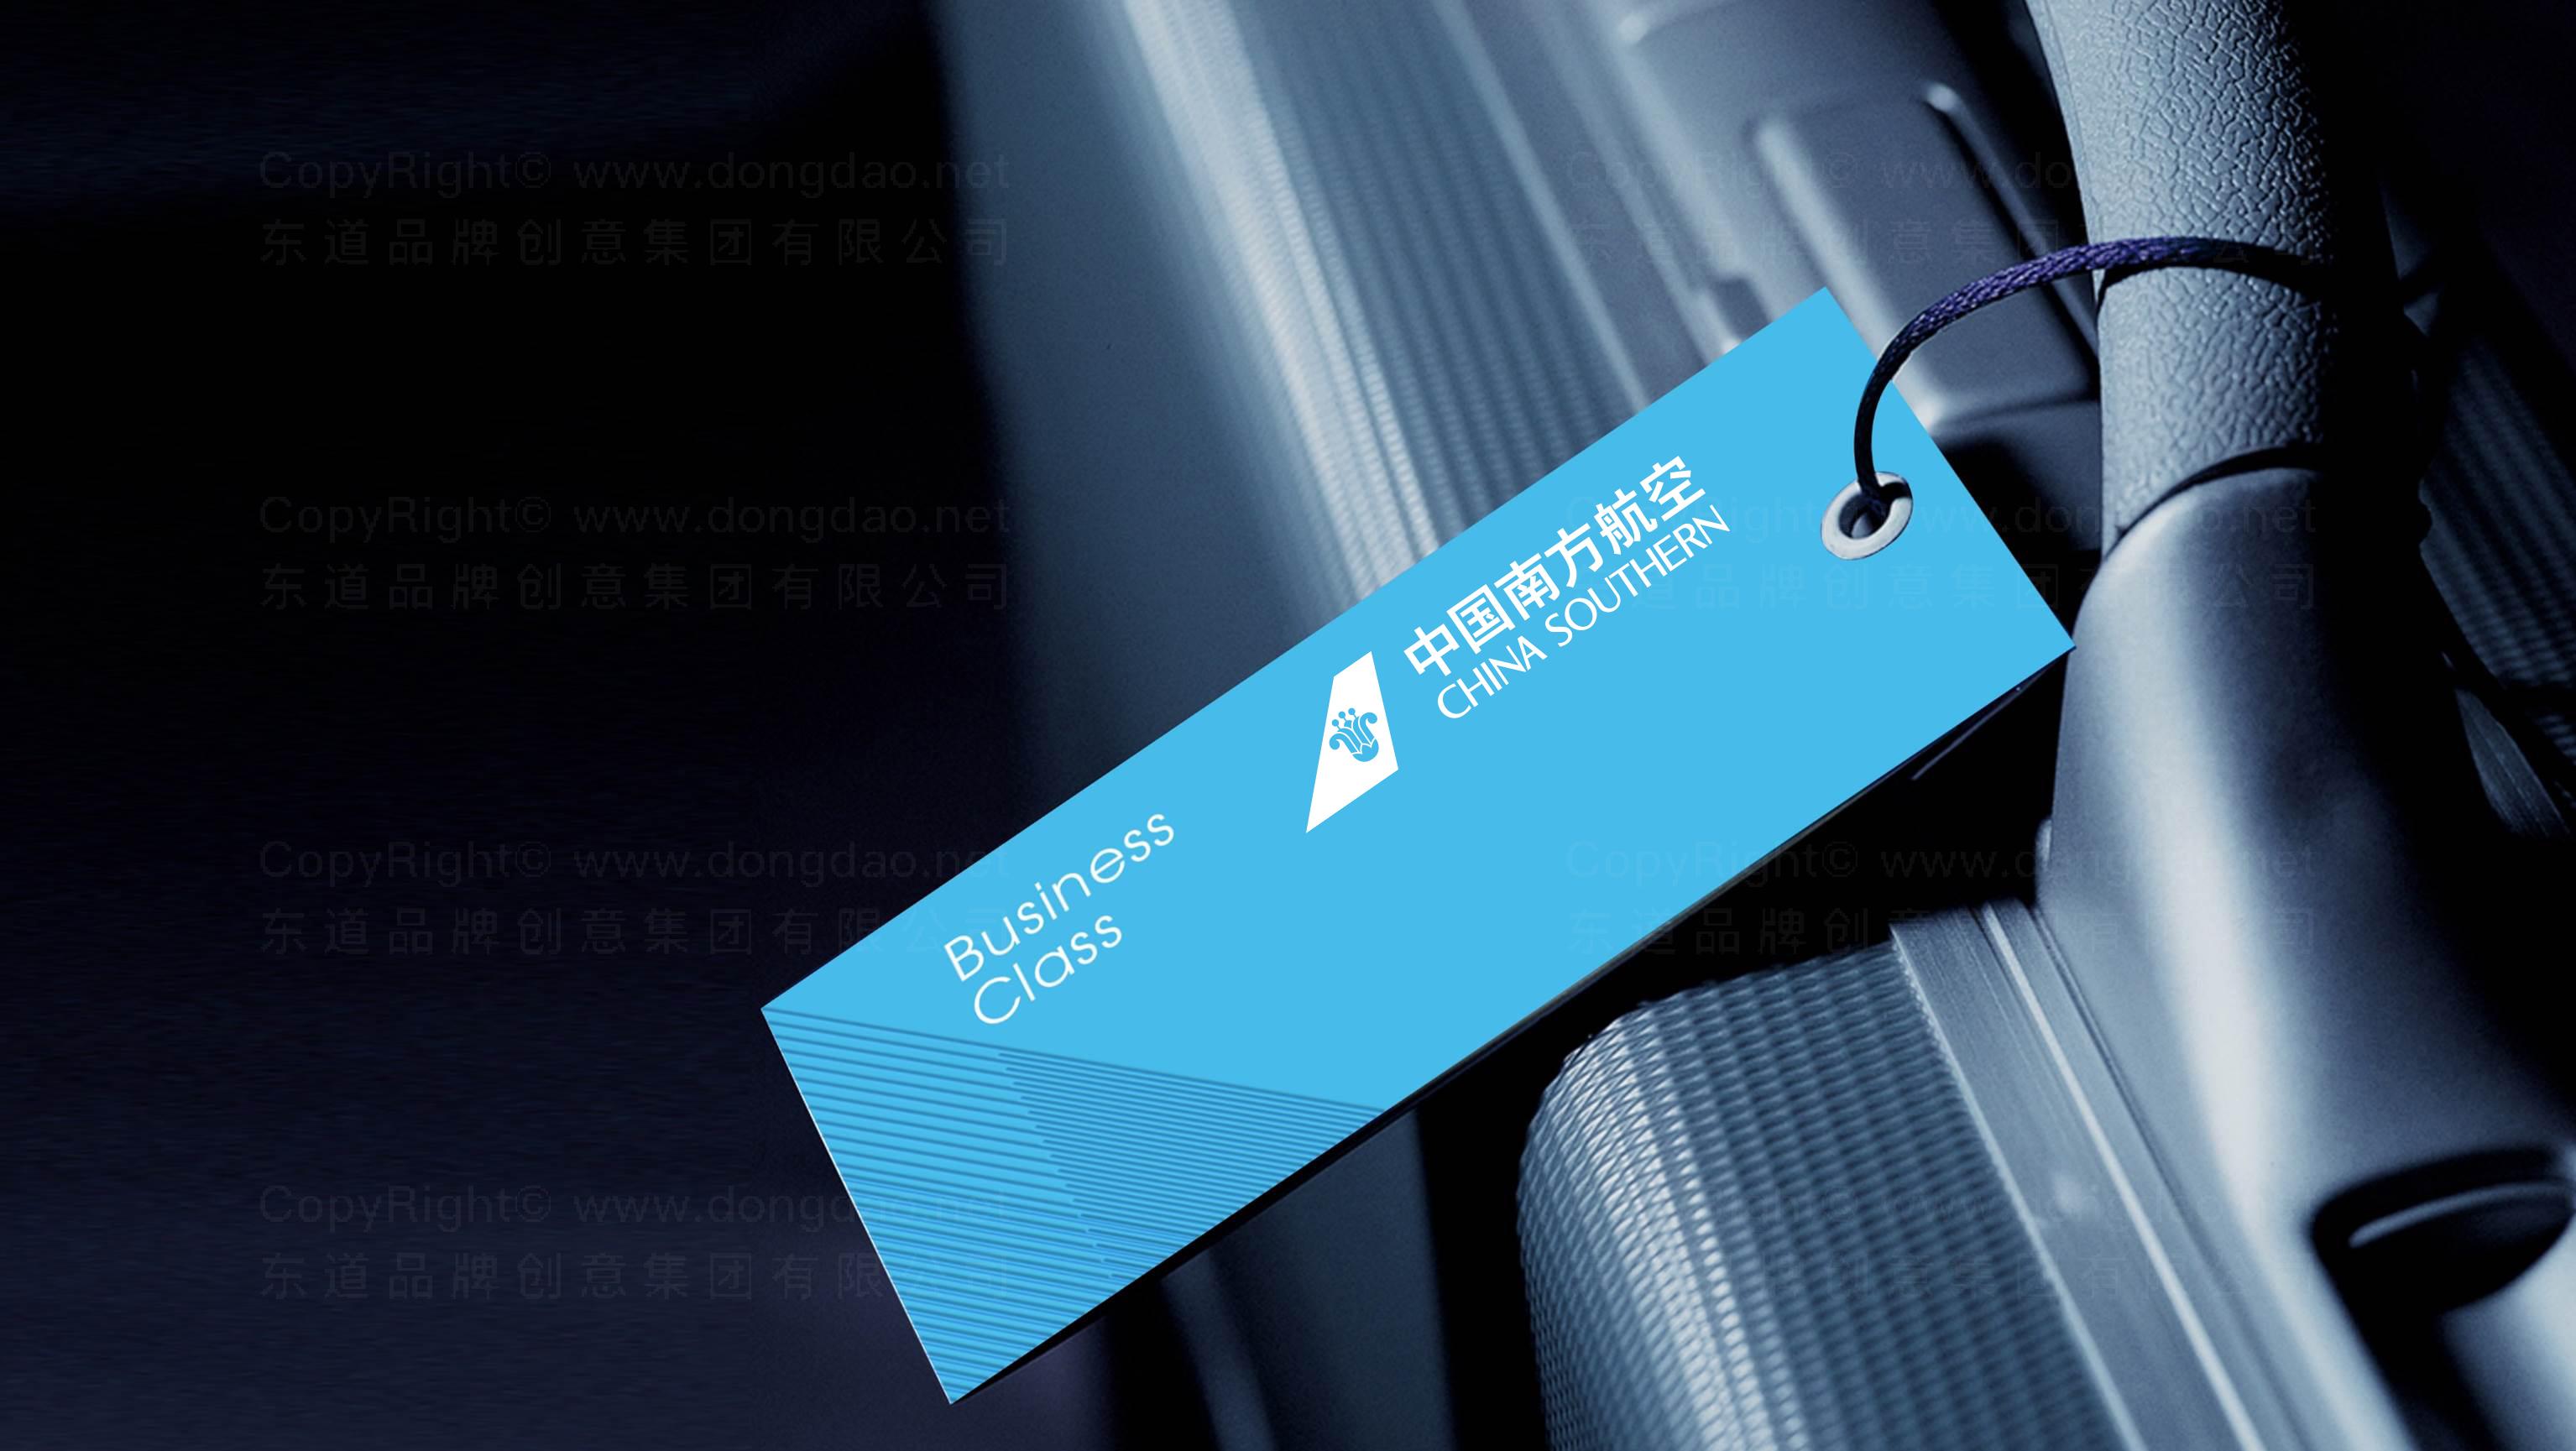 品牌设计南方航空VI设计应用